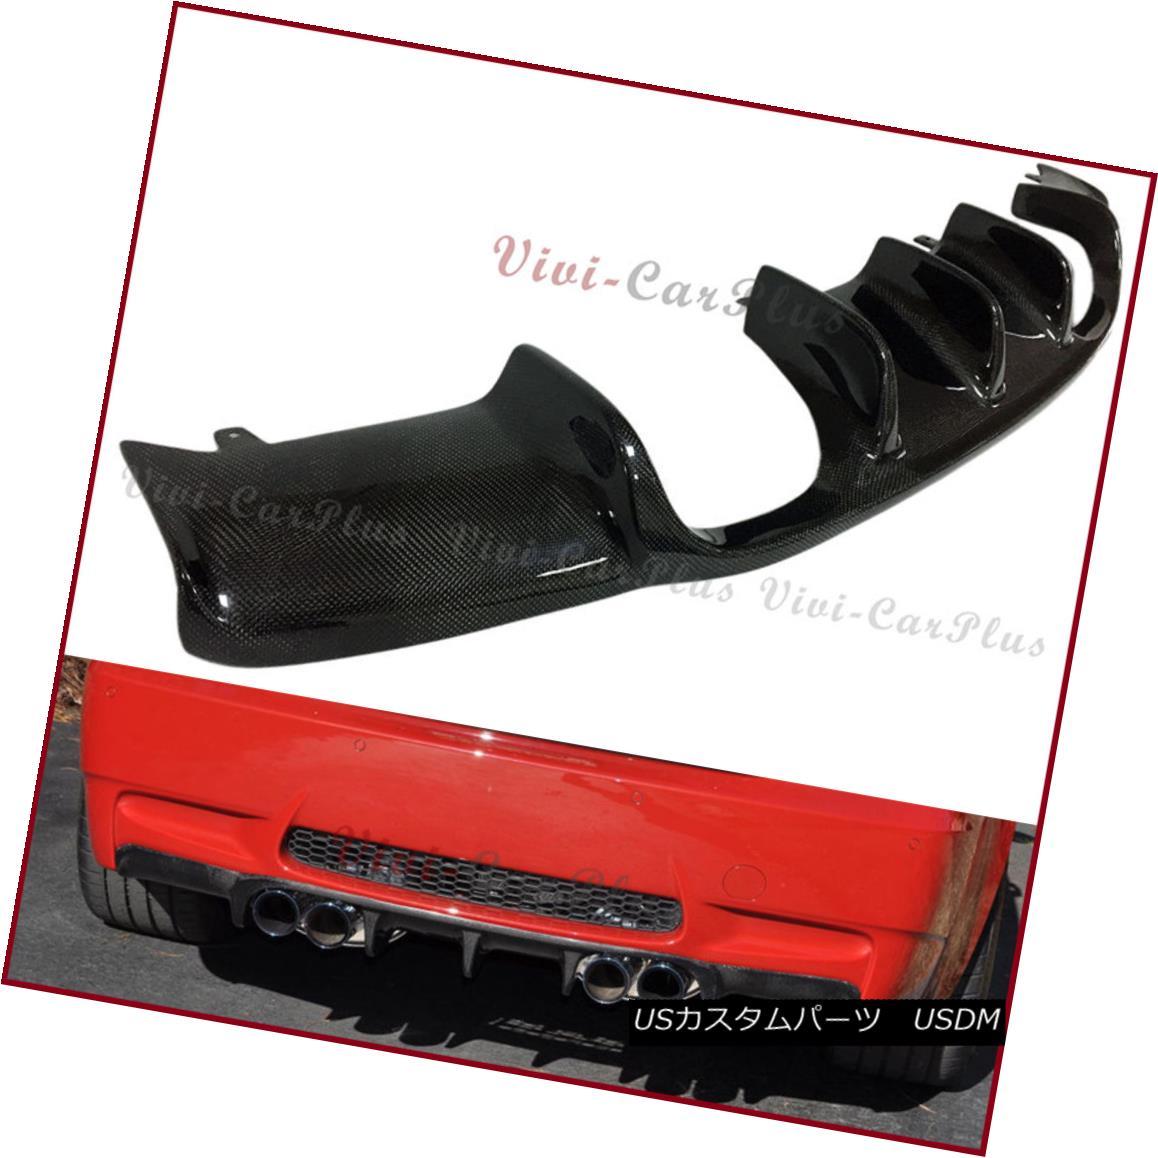 エアロパーツ Fit 2008-13 E92 E93 M3 Rear Bumper AK Look Carbon Fiber Replacement Diffuser Lip フィット2008-13 E92 E93 M3リアバンパーAKルックカーボンファイバー交換ディフューザーリップ